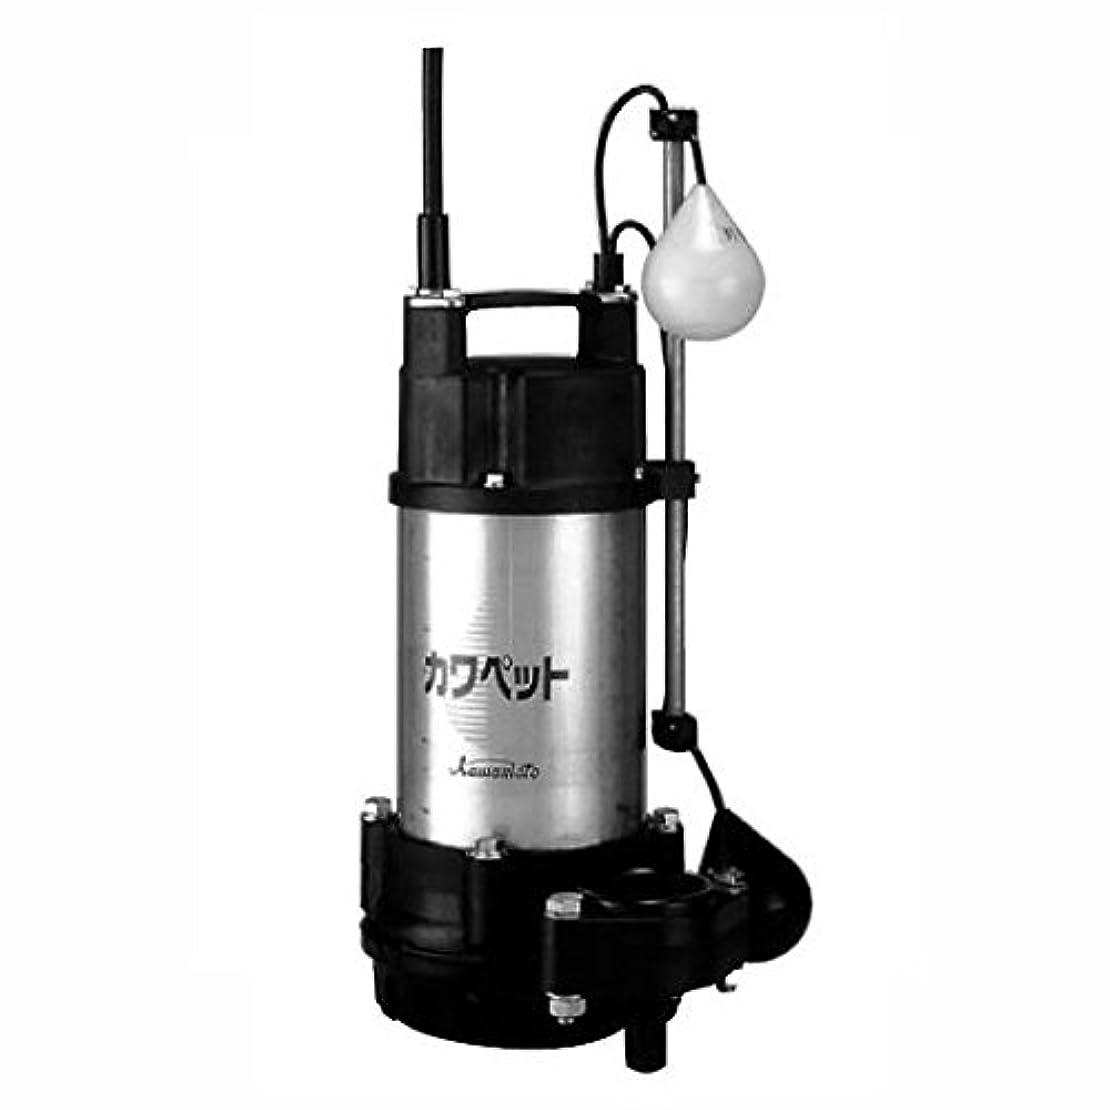 安定取得含める[WUP4-505-0.4SL]川本ポンプ WUP-G形 カワペット 強化樹脂製排水水中ポンプ2極 50Hz 自動型 単相100V 0.4kW(旧品番:WUP3-505-0.4SLG)